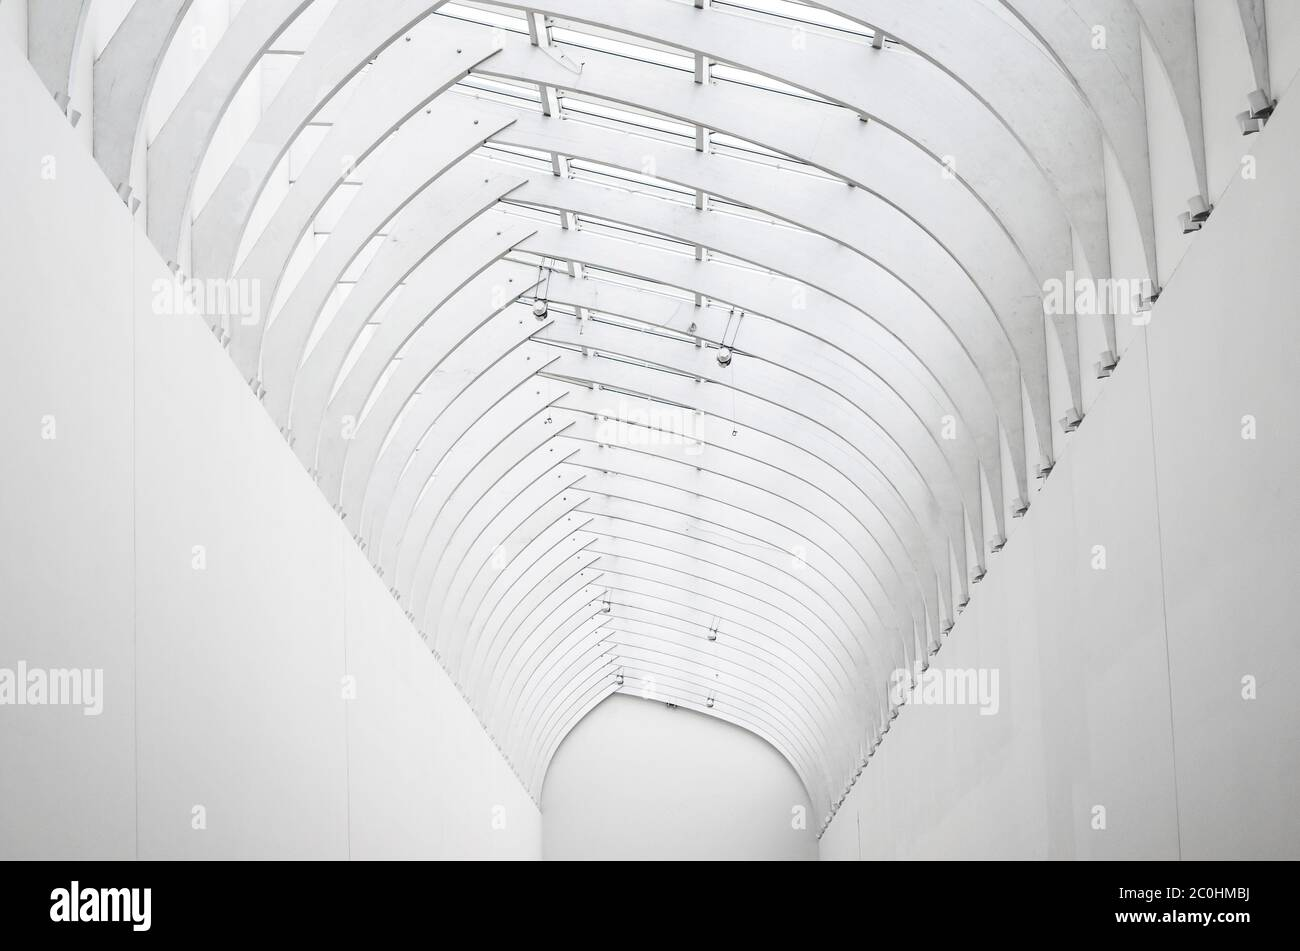 Arco blanco de acero y vidrio, vista de la perspectiva lejana Foto de stock